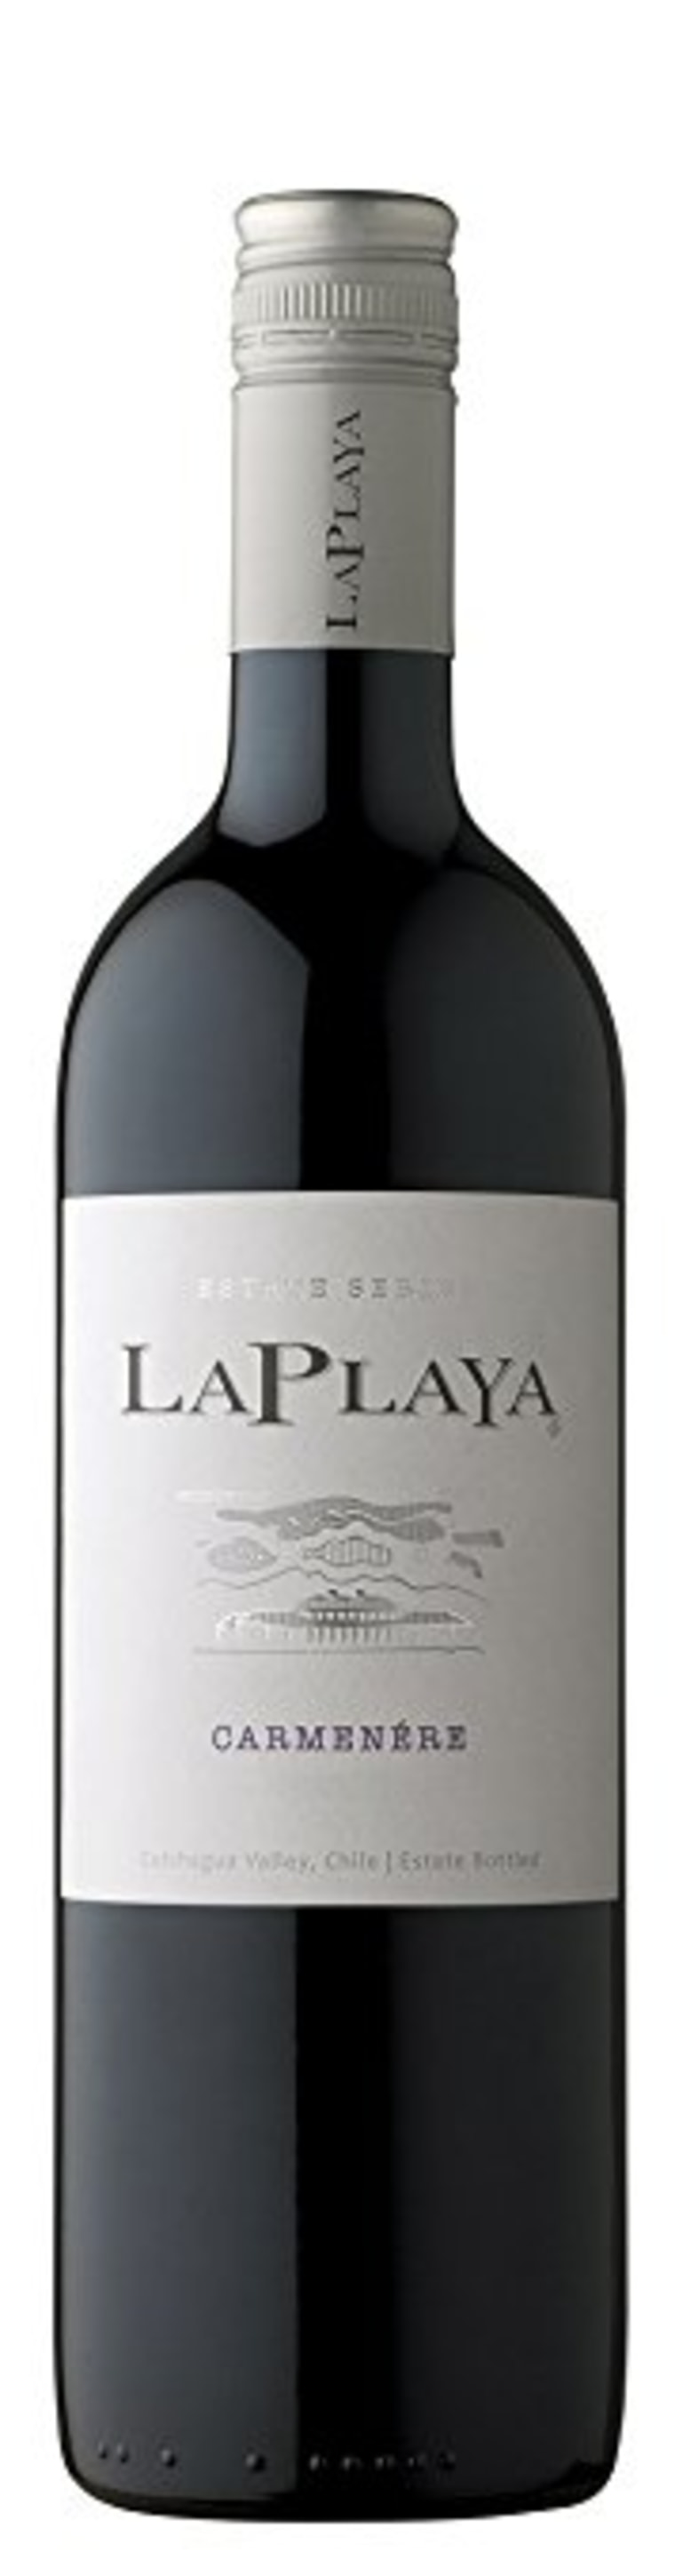 La Playa wine label